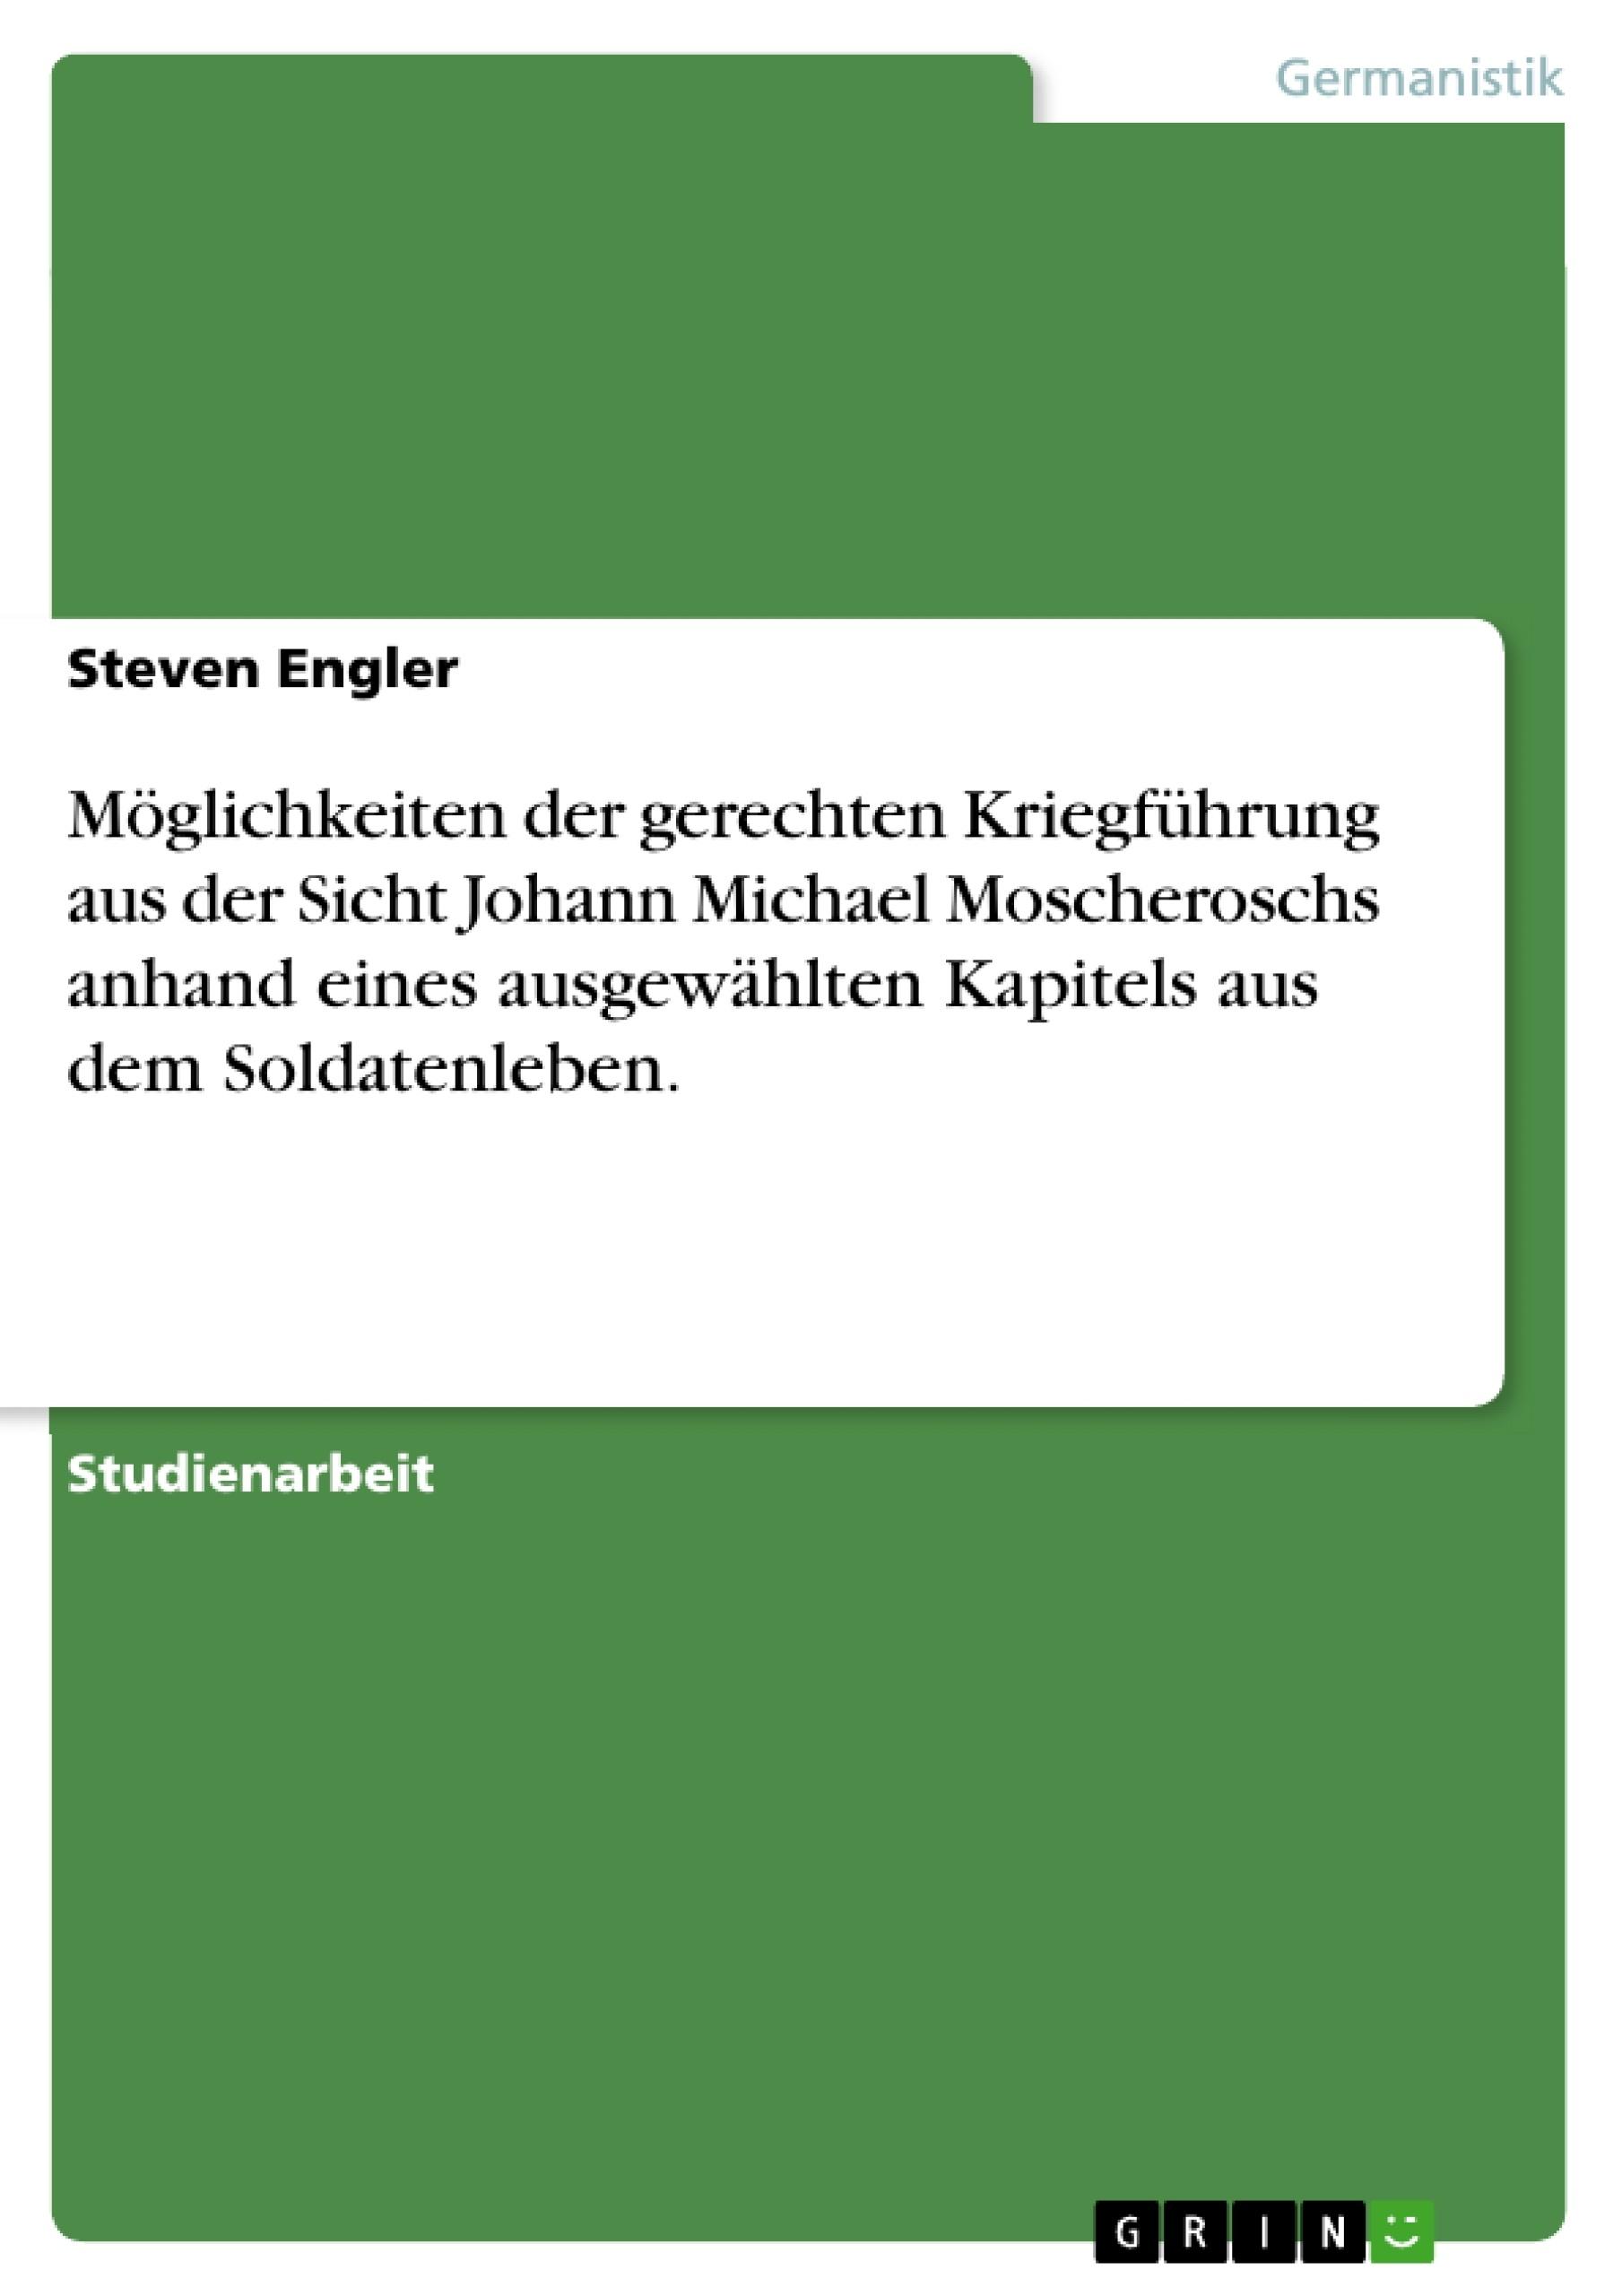 Titel: Möglichkeiten der gerechten Kriegführung aus der Sicht Johann Michael Moscheroschs anhand eines ausgewählten Kapitels aus dem Soldatenleben.